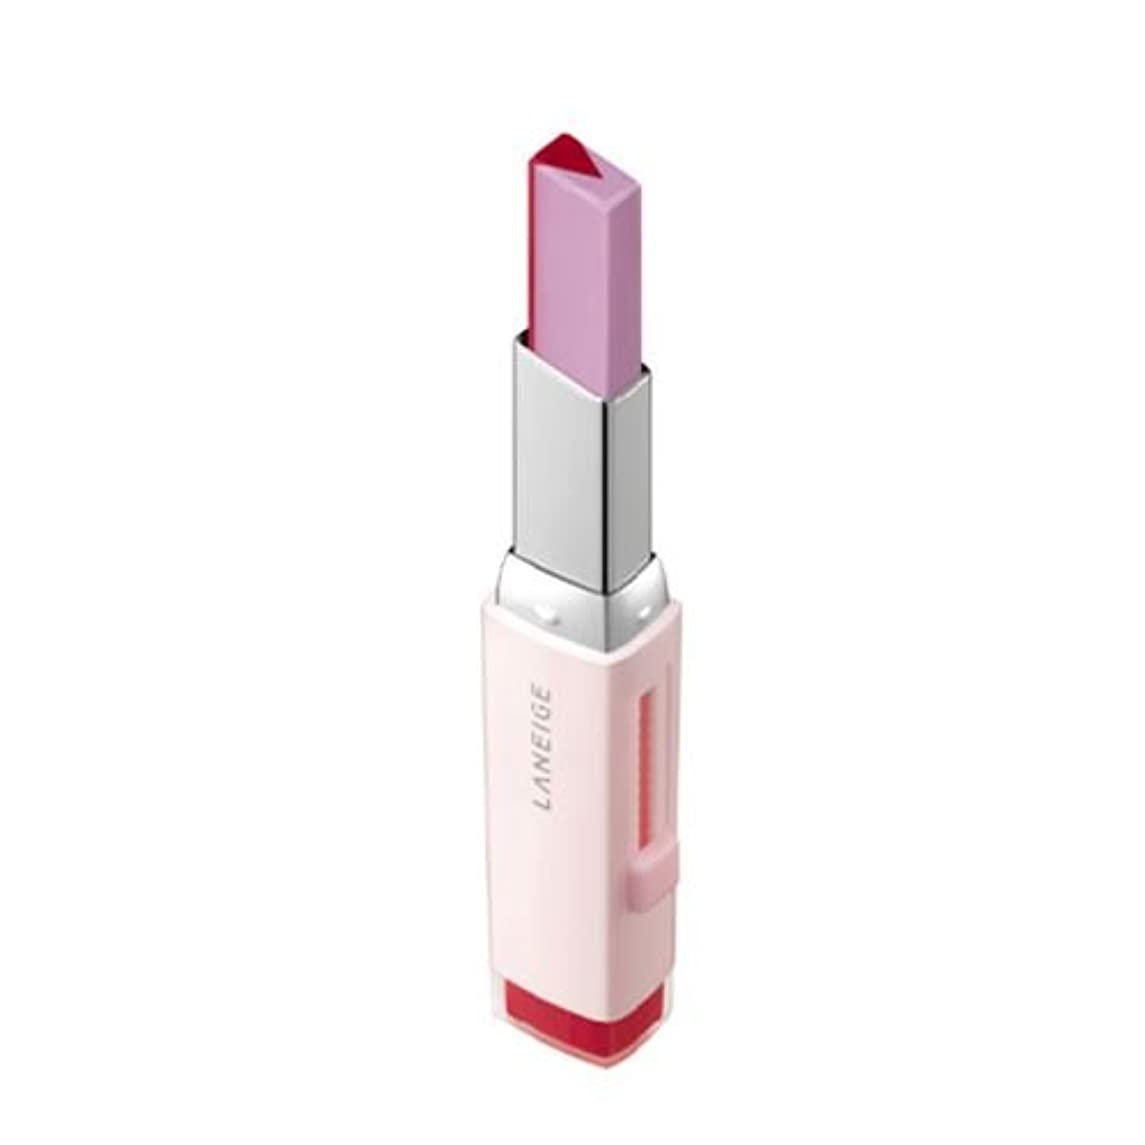 菊アンテナロースト[New] LANEIGE Two Tone Tint Lip Bar 2g/ラネージュ ツー トーン ティント リップ バー 2g (#07 Lollipop Red) [並行輸入品]